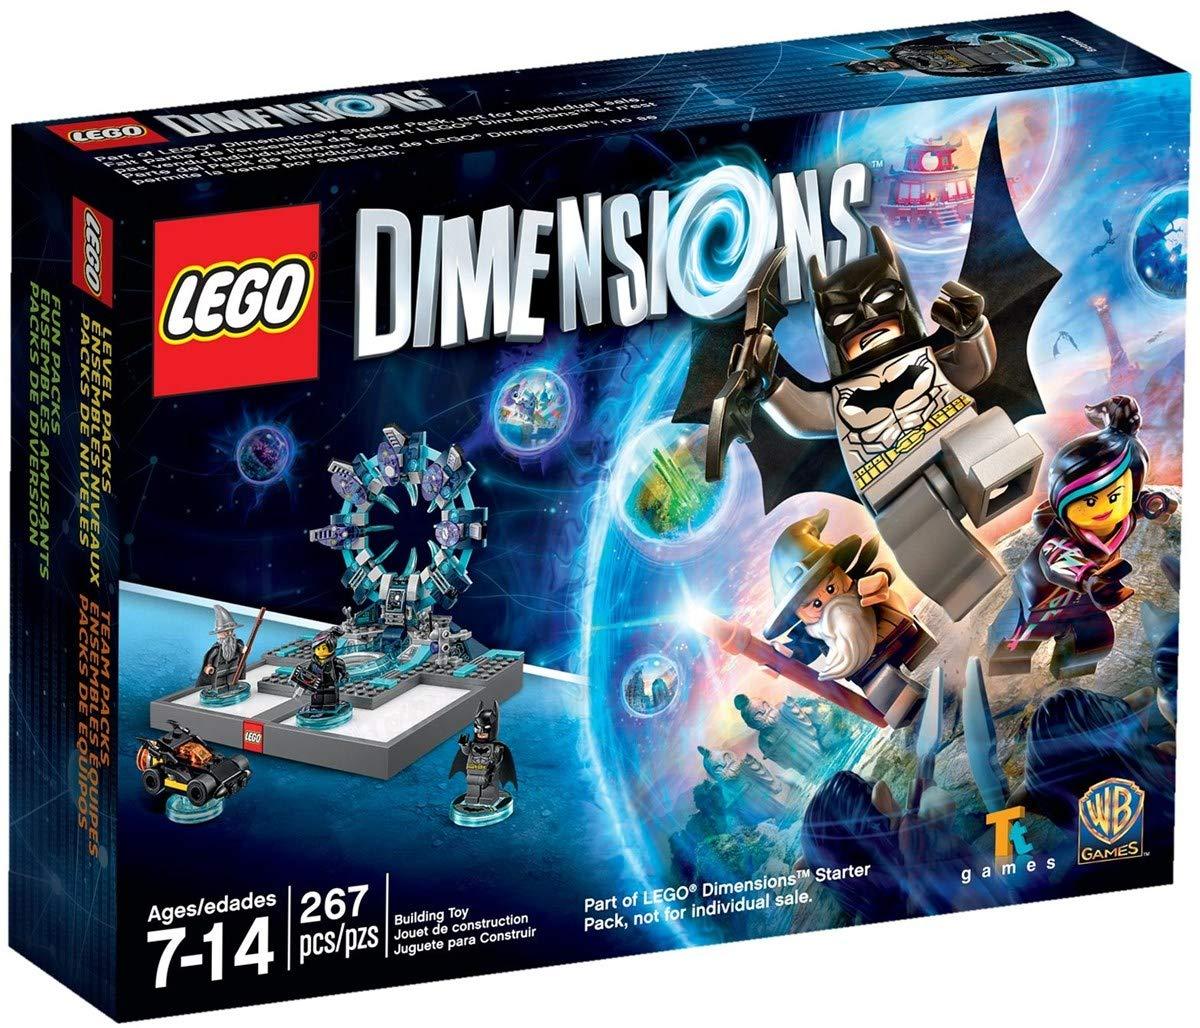 Xbox 360 LEGO Dimensions Starter Pack: Amazon.es: Juguetes y juegos